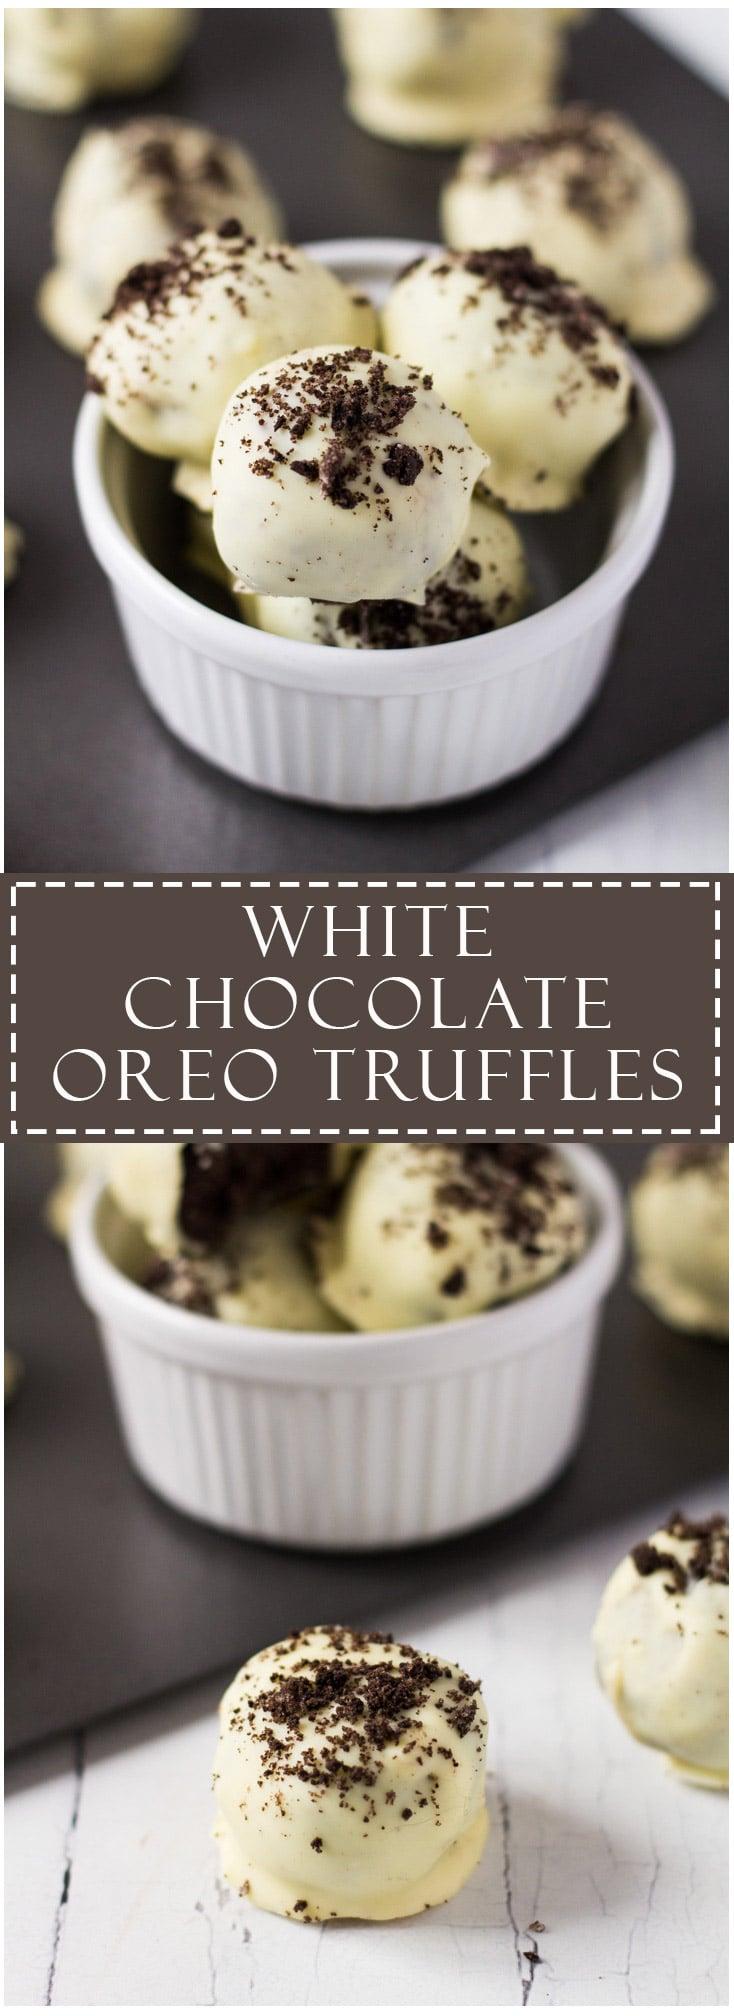 White Chocolate Oreo Truffles